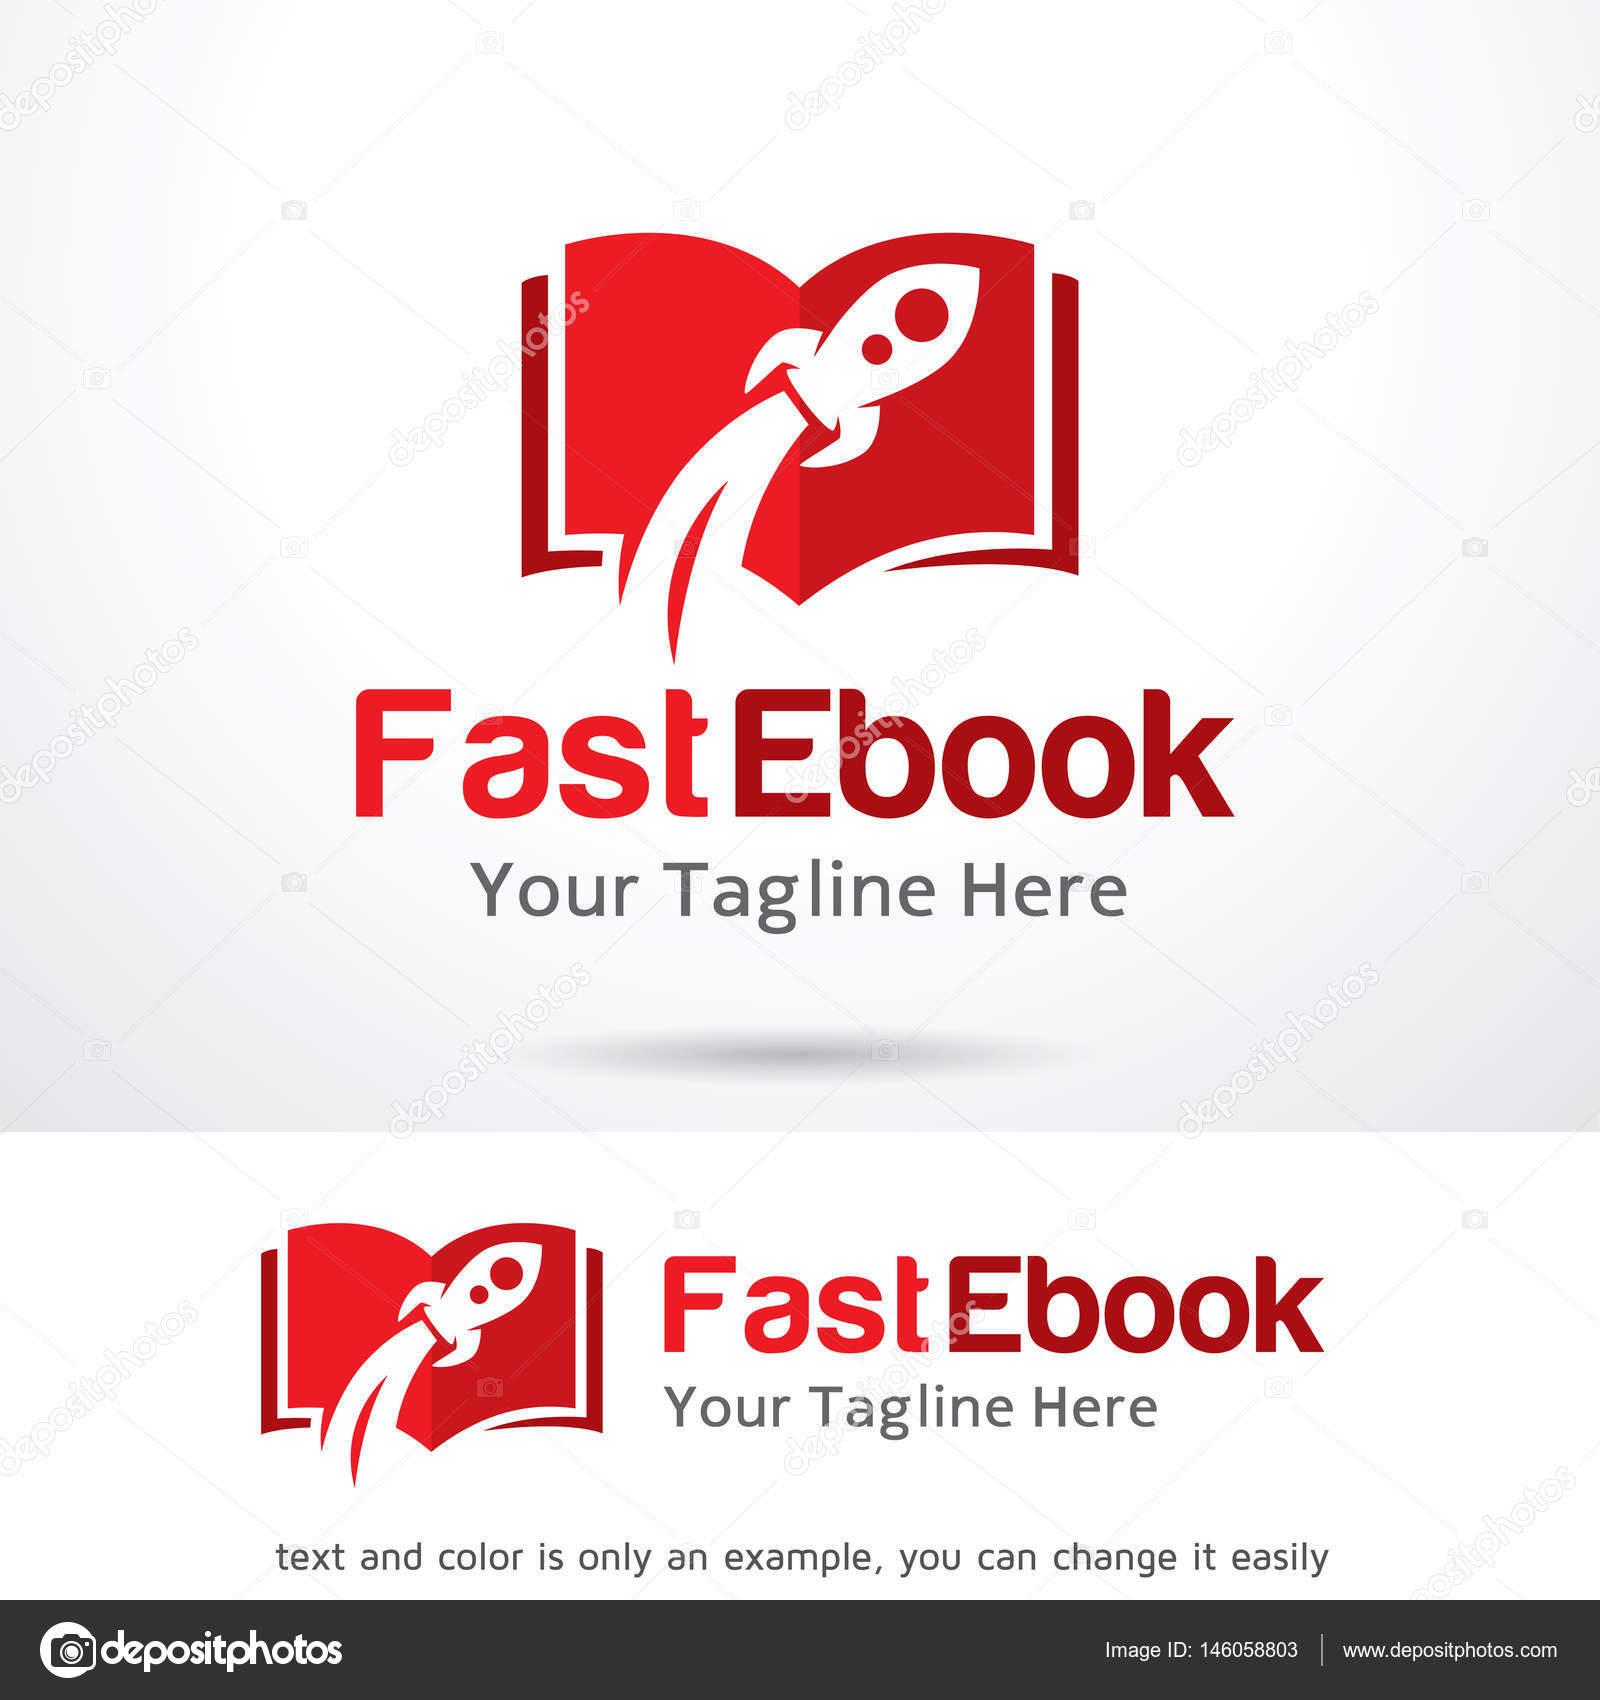 Fast Ebook Logo plantilla diseño Vector — Vector de stock ...